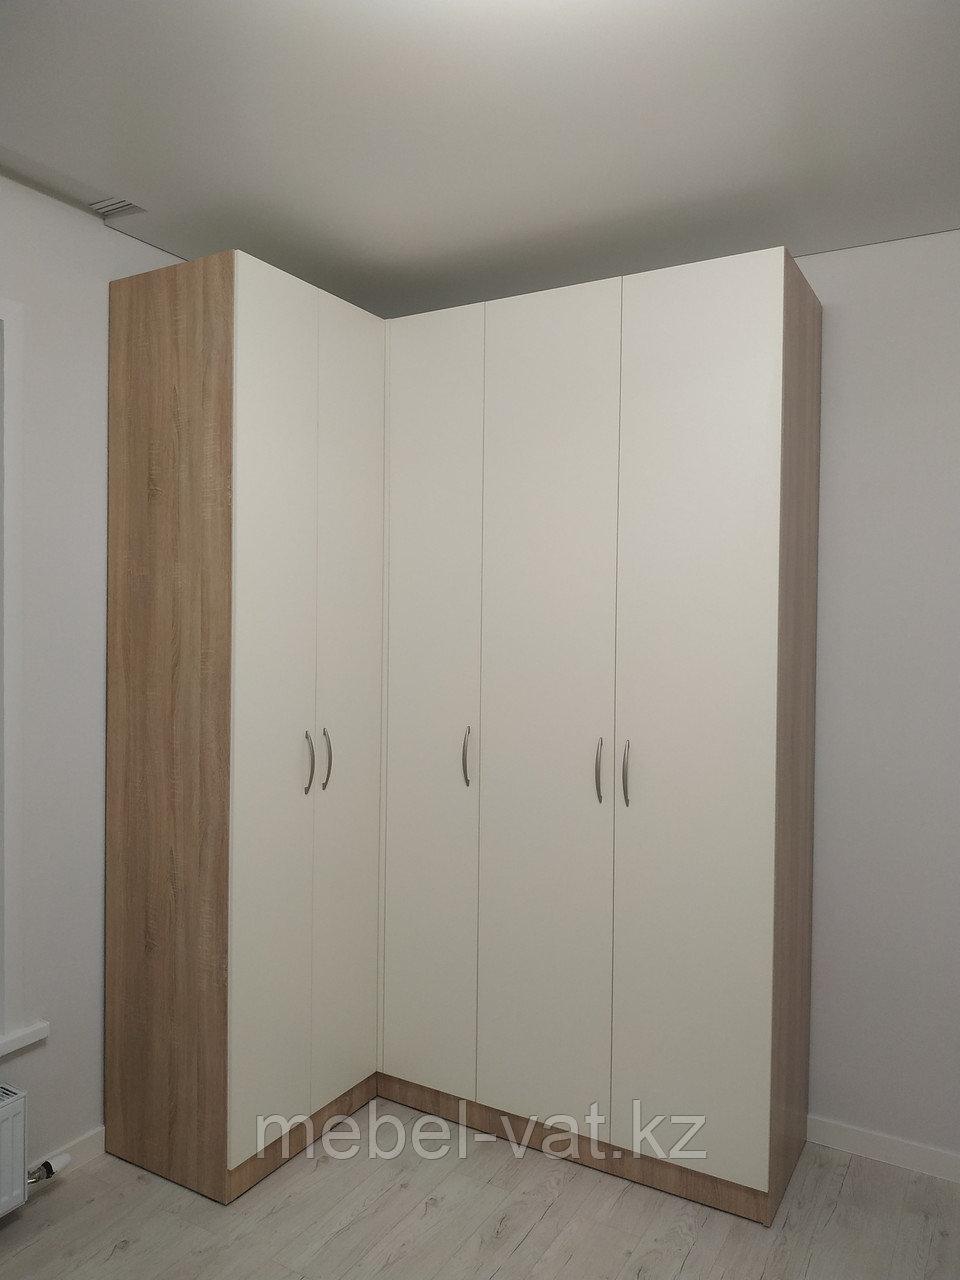 Спальный гарнитур: Шкаф угловой, кровать